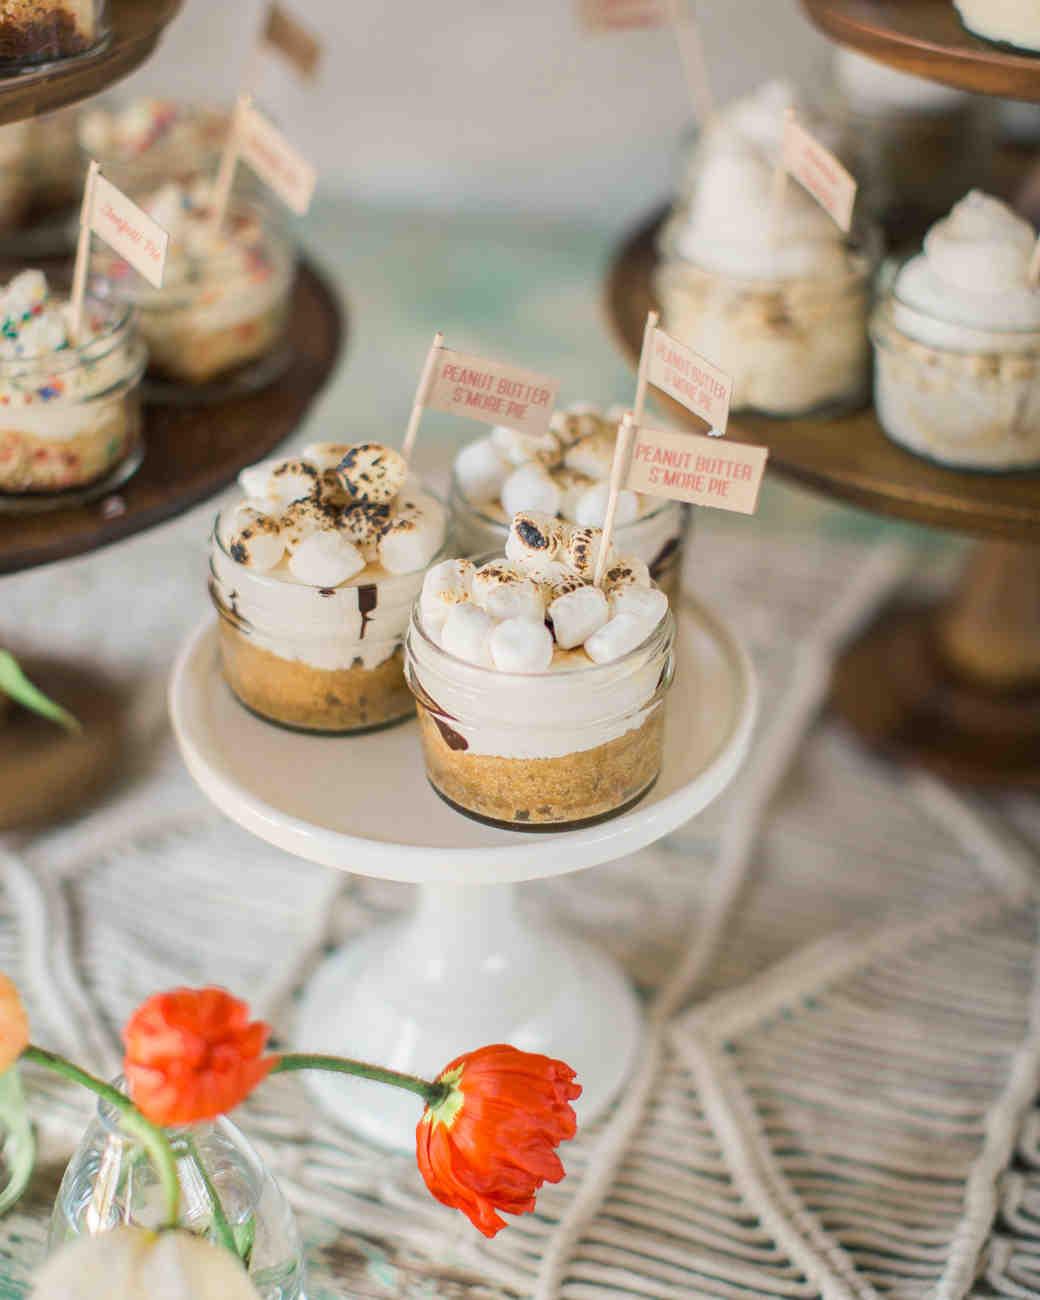 lara-chad-wedding-tarts-167-s112306-1115.jpg